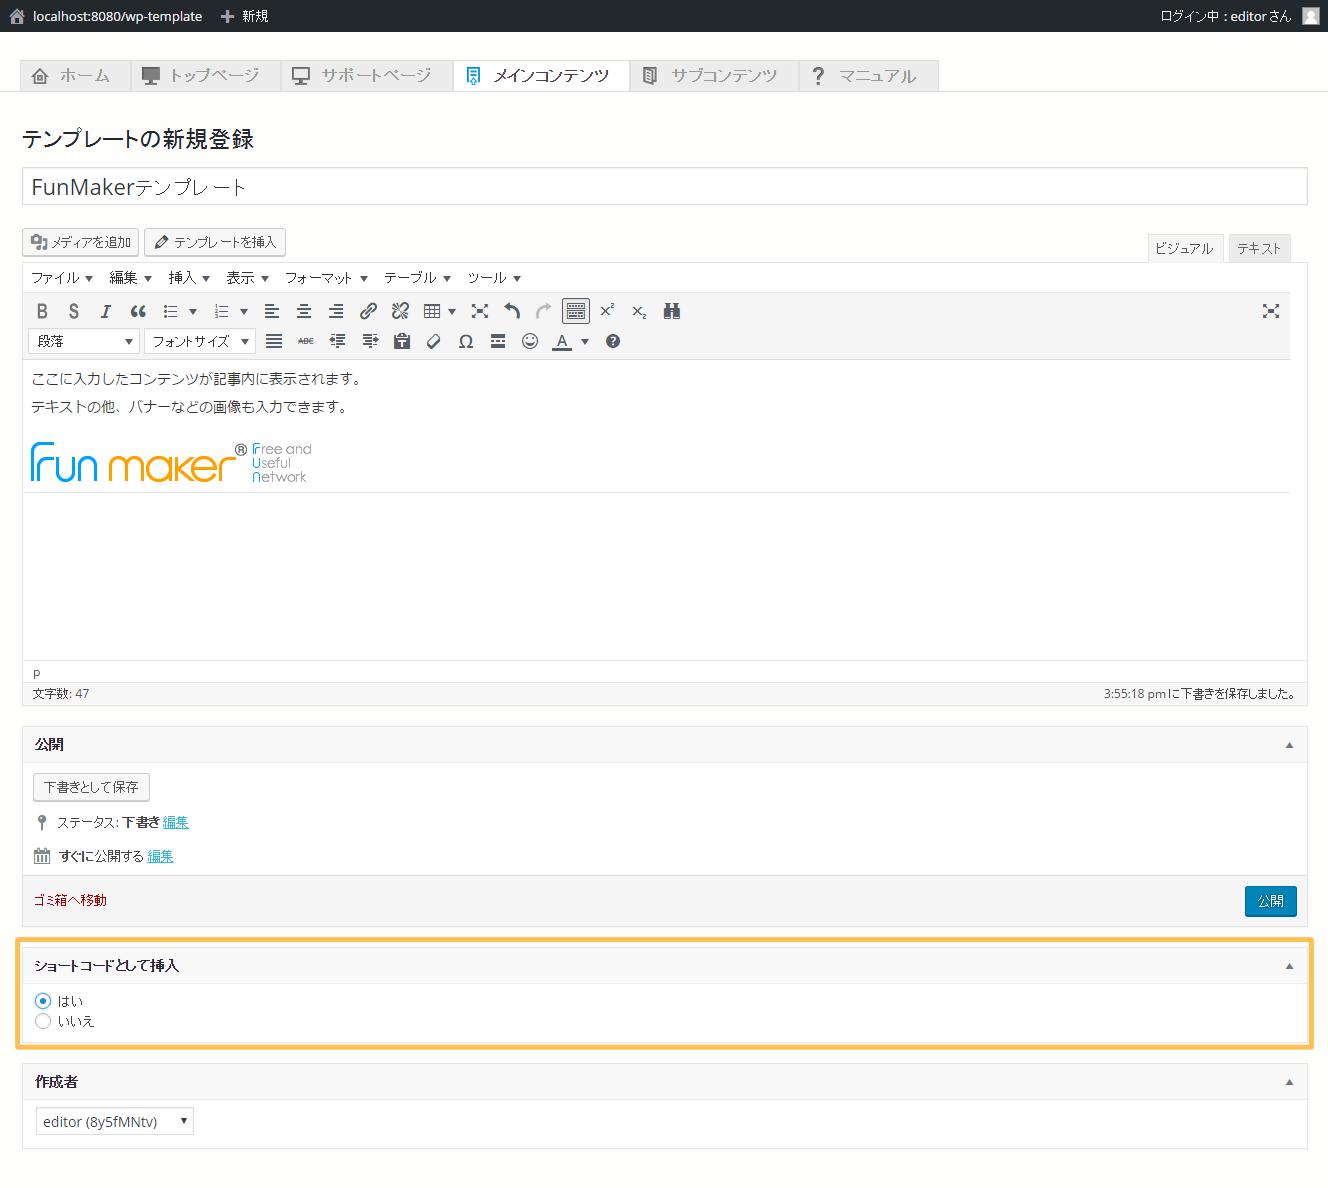 広告一括管理記事の作成 - 簡単格安ホームページ作成会社 -FunMaker